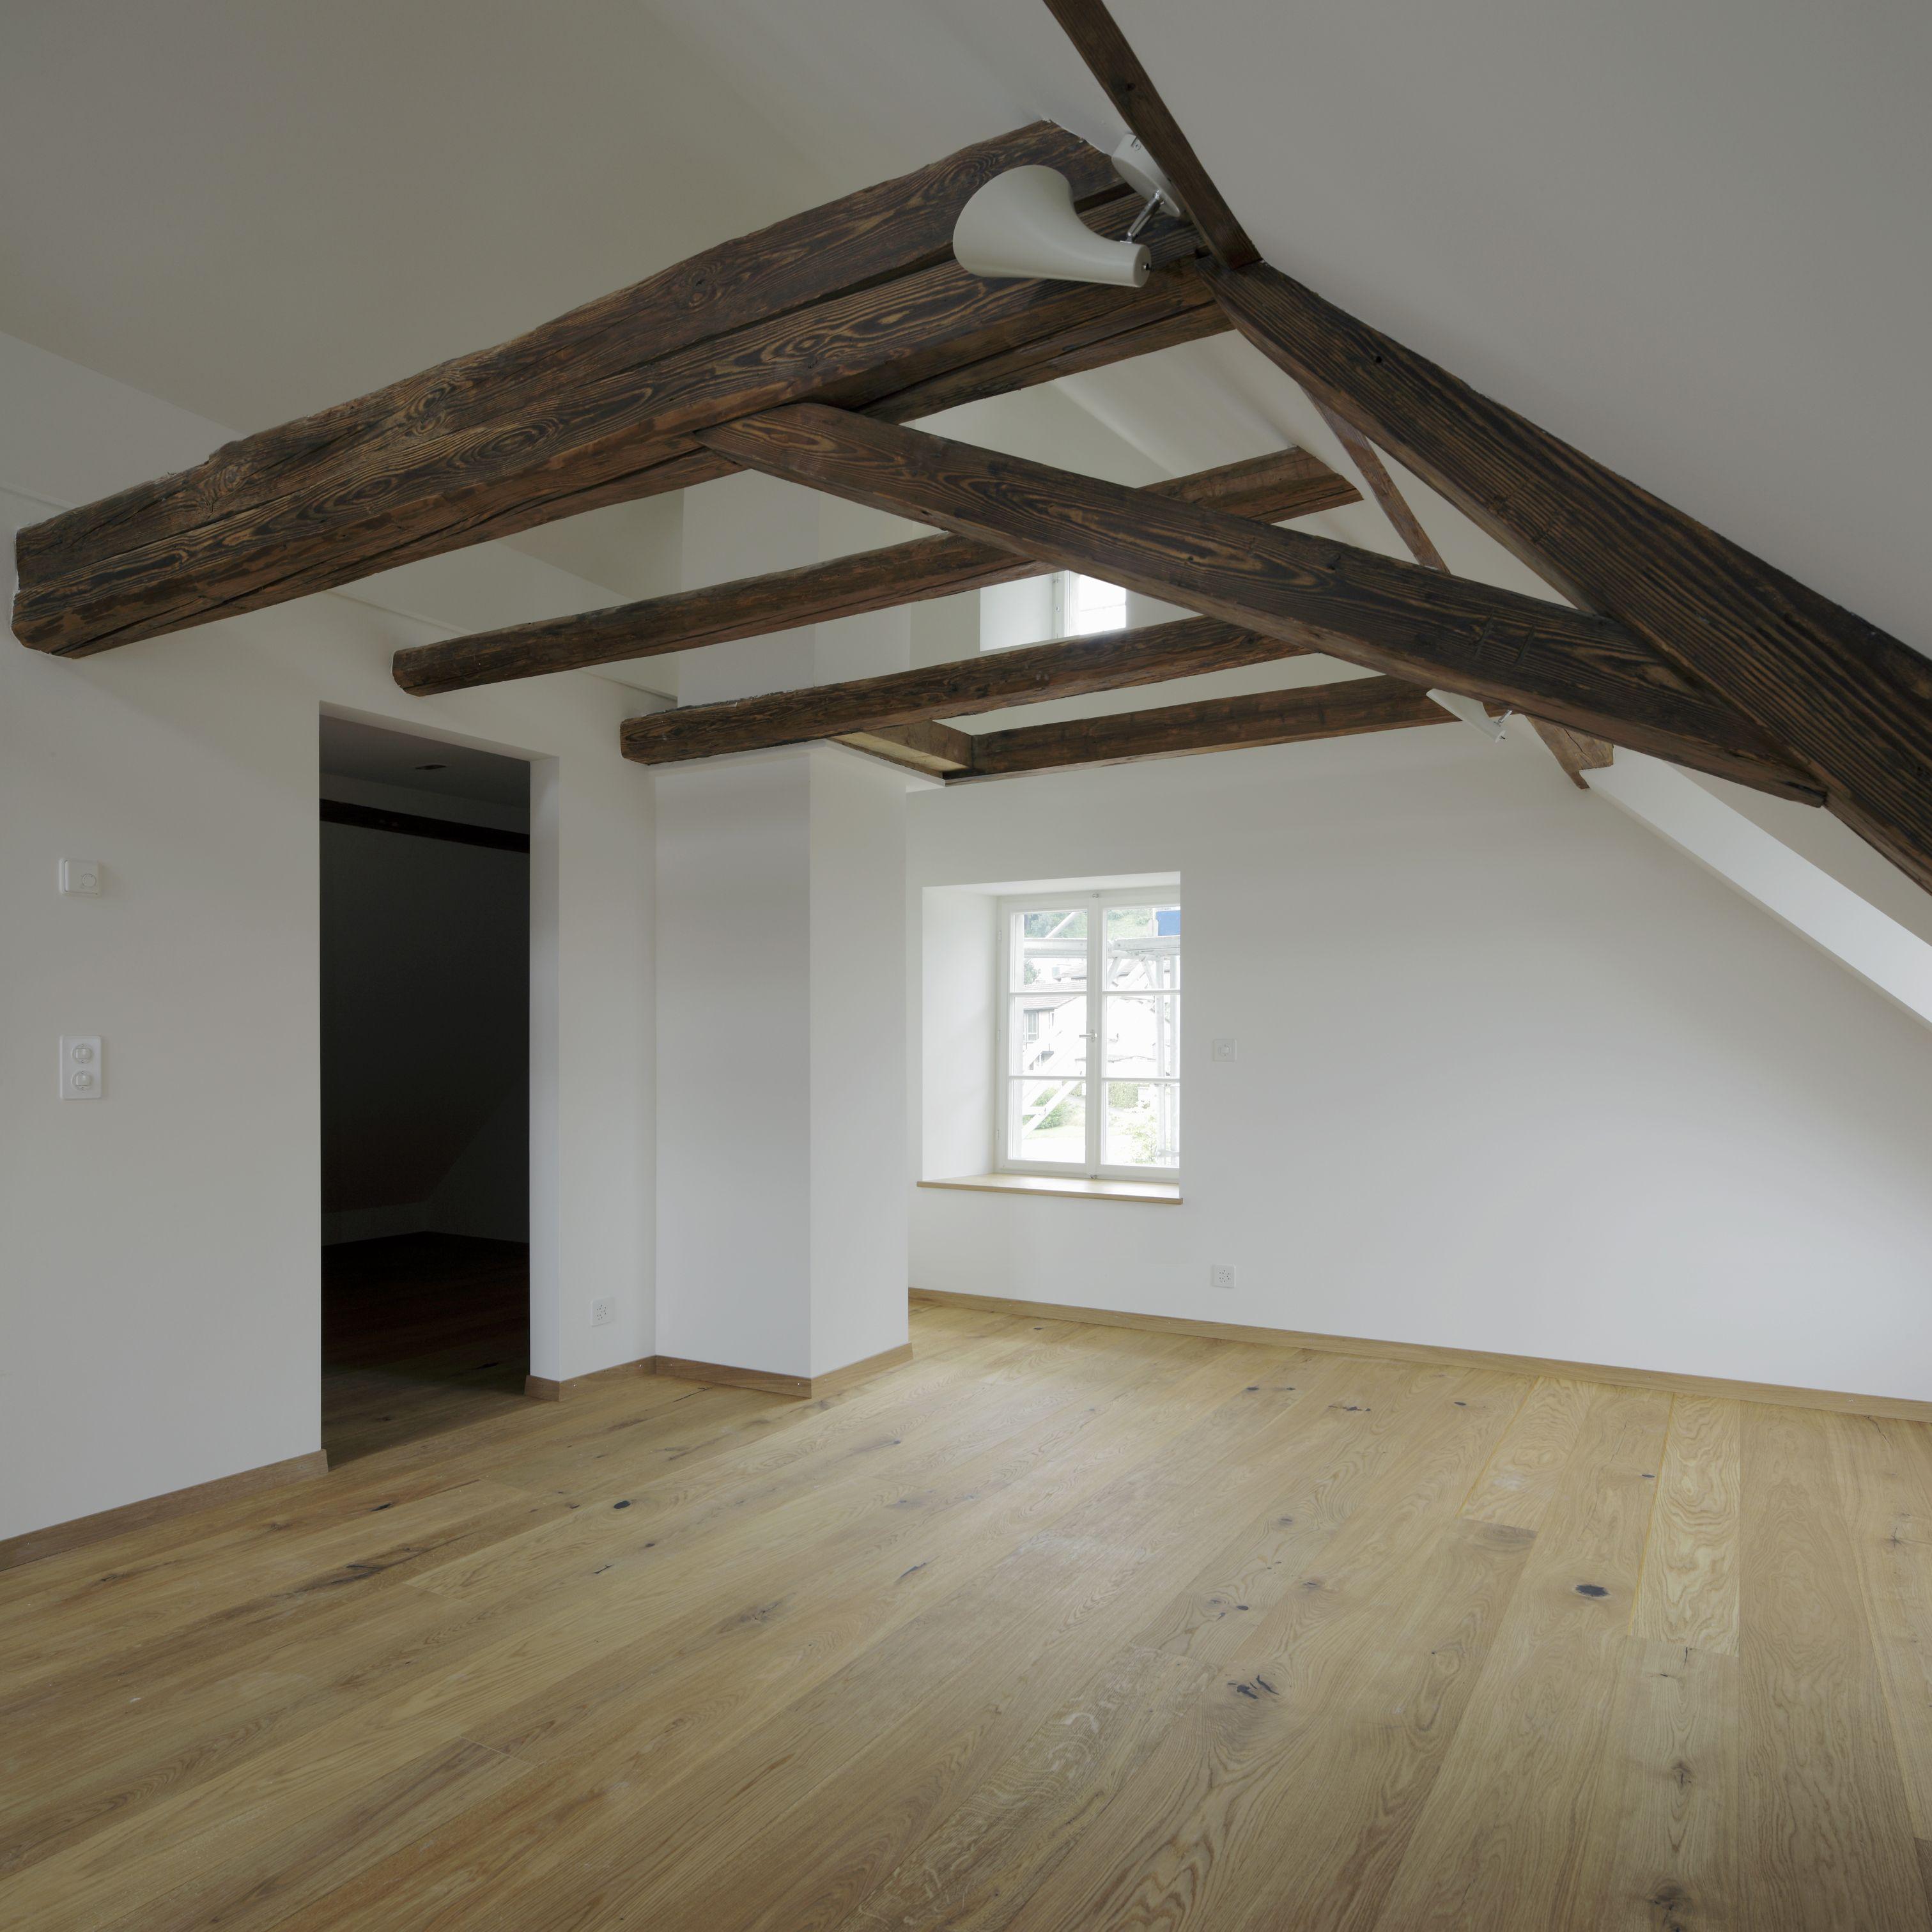 Historisches Haus Bergwerkstrasse Horgen - ausgebauter Dachstock ...